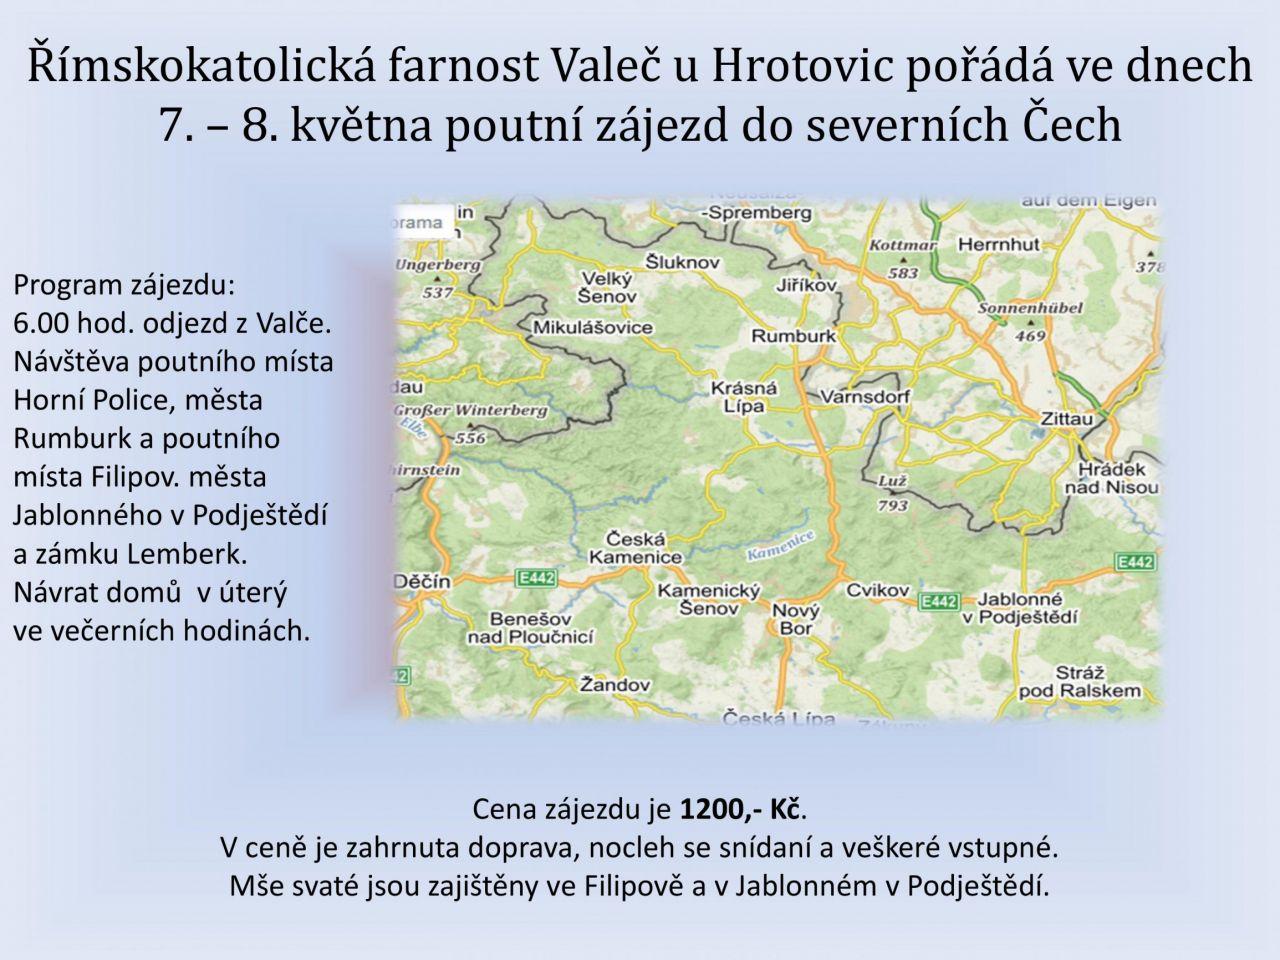 Poutní zájezd do severních Čech 1